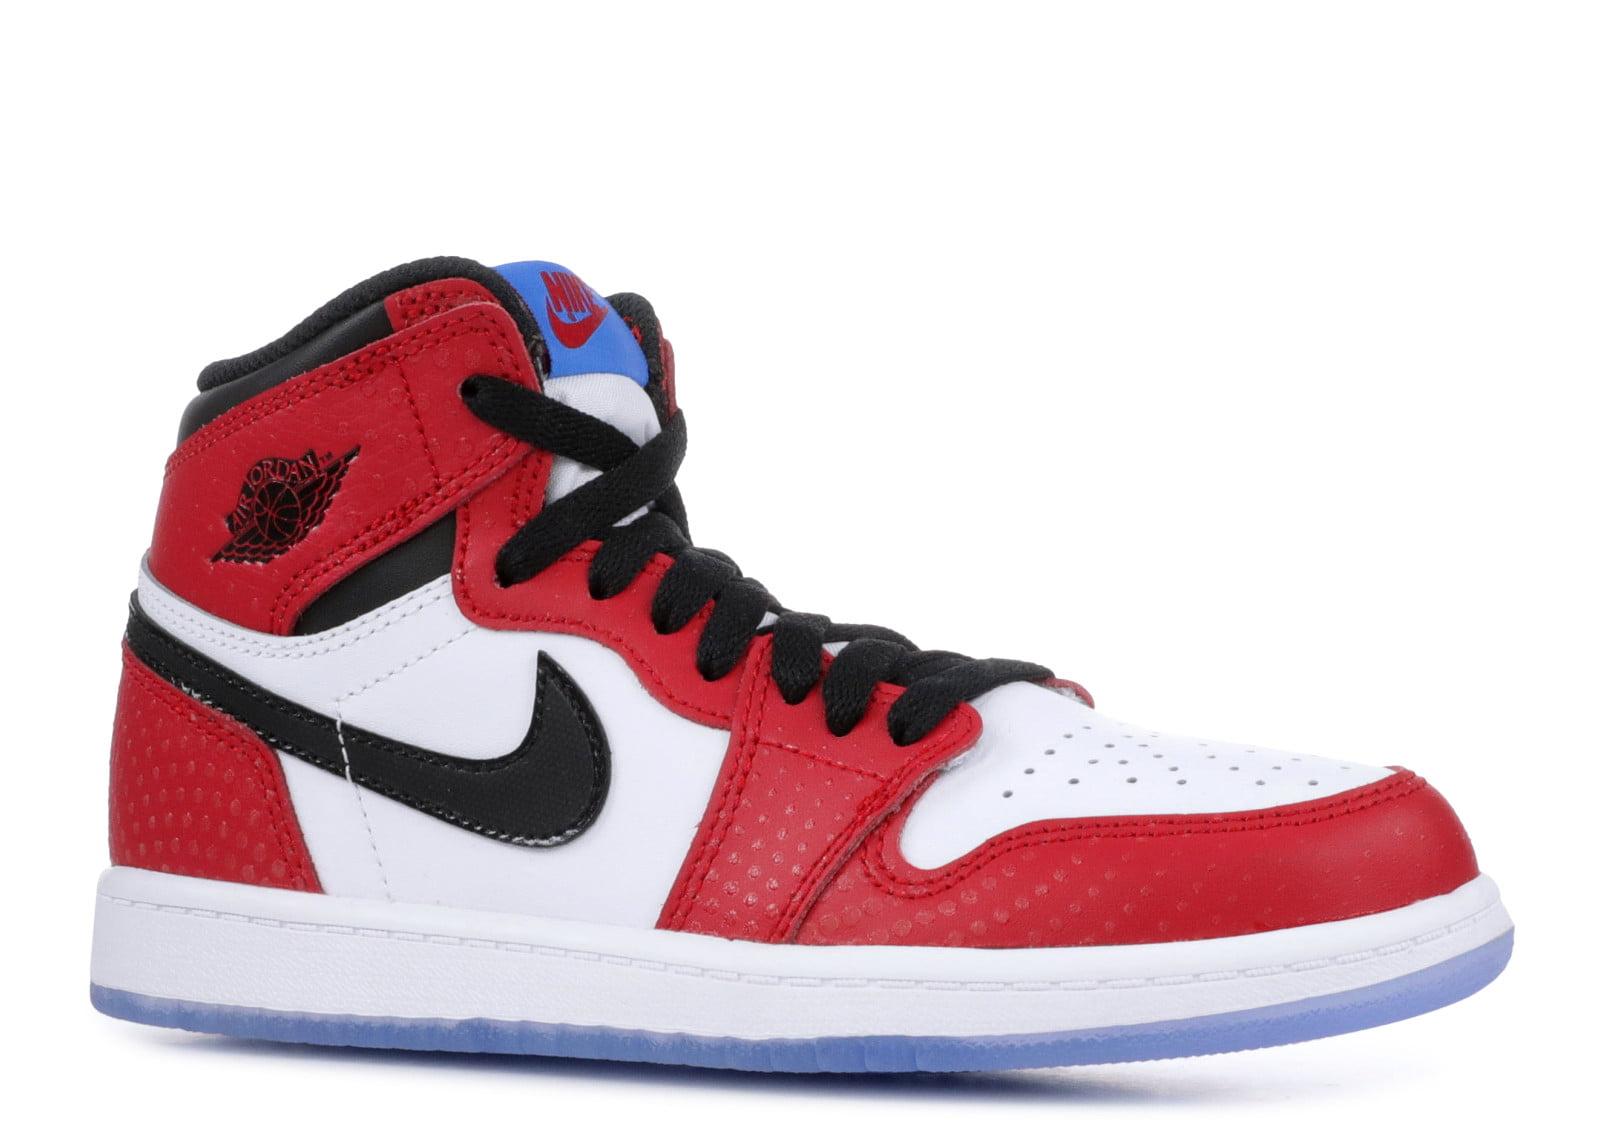 Jordan 1 Retro High Og (Ps